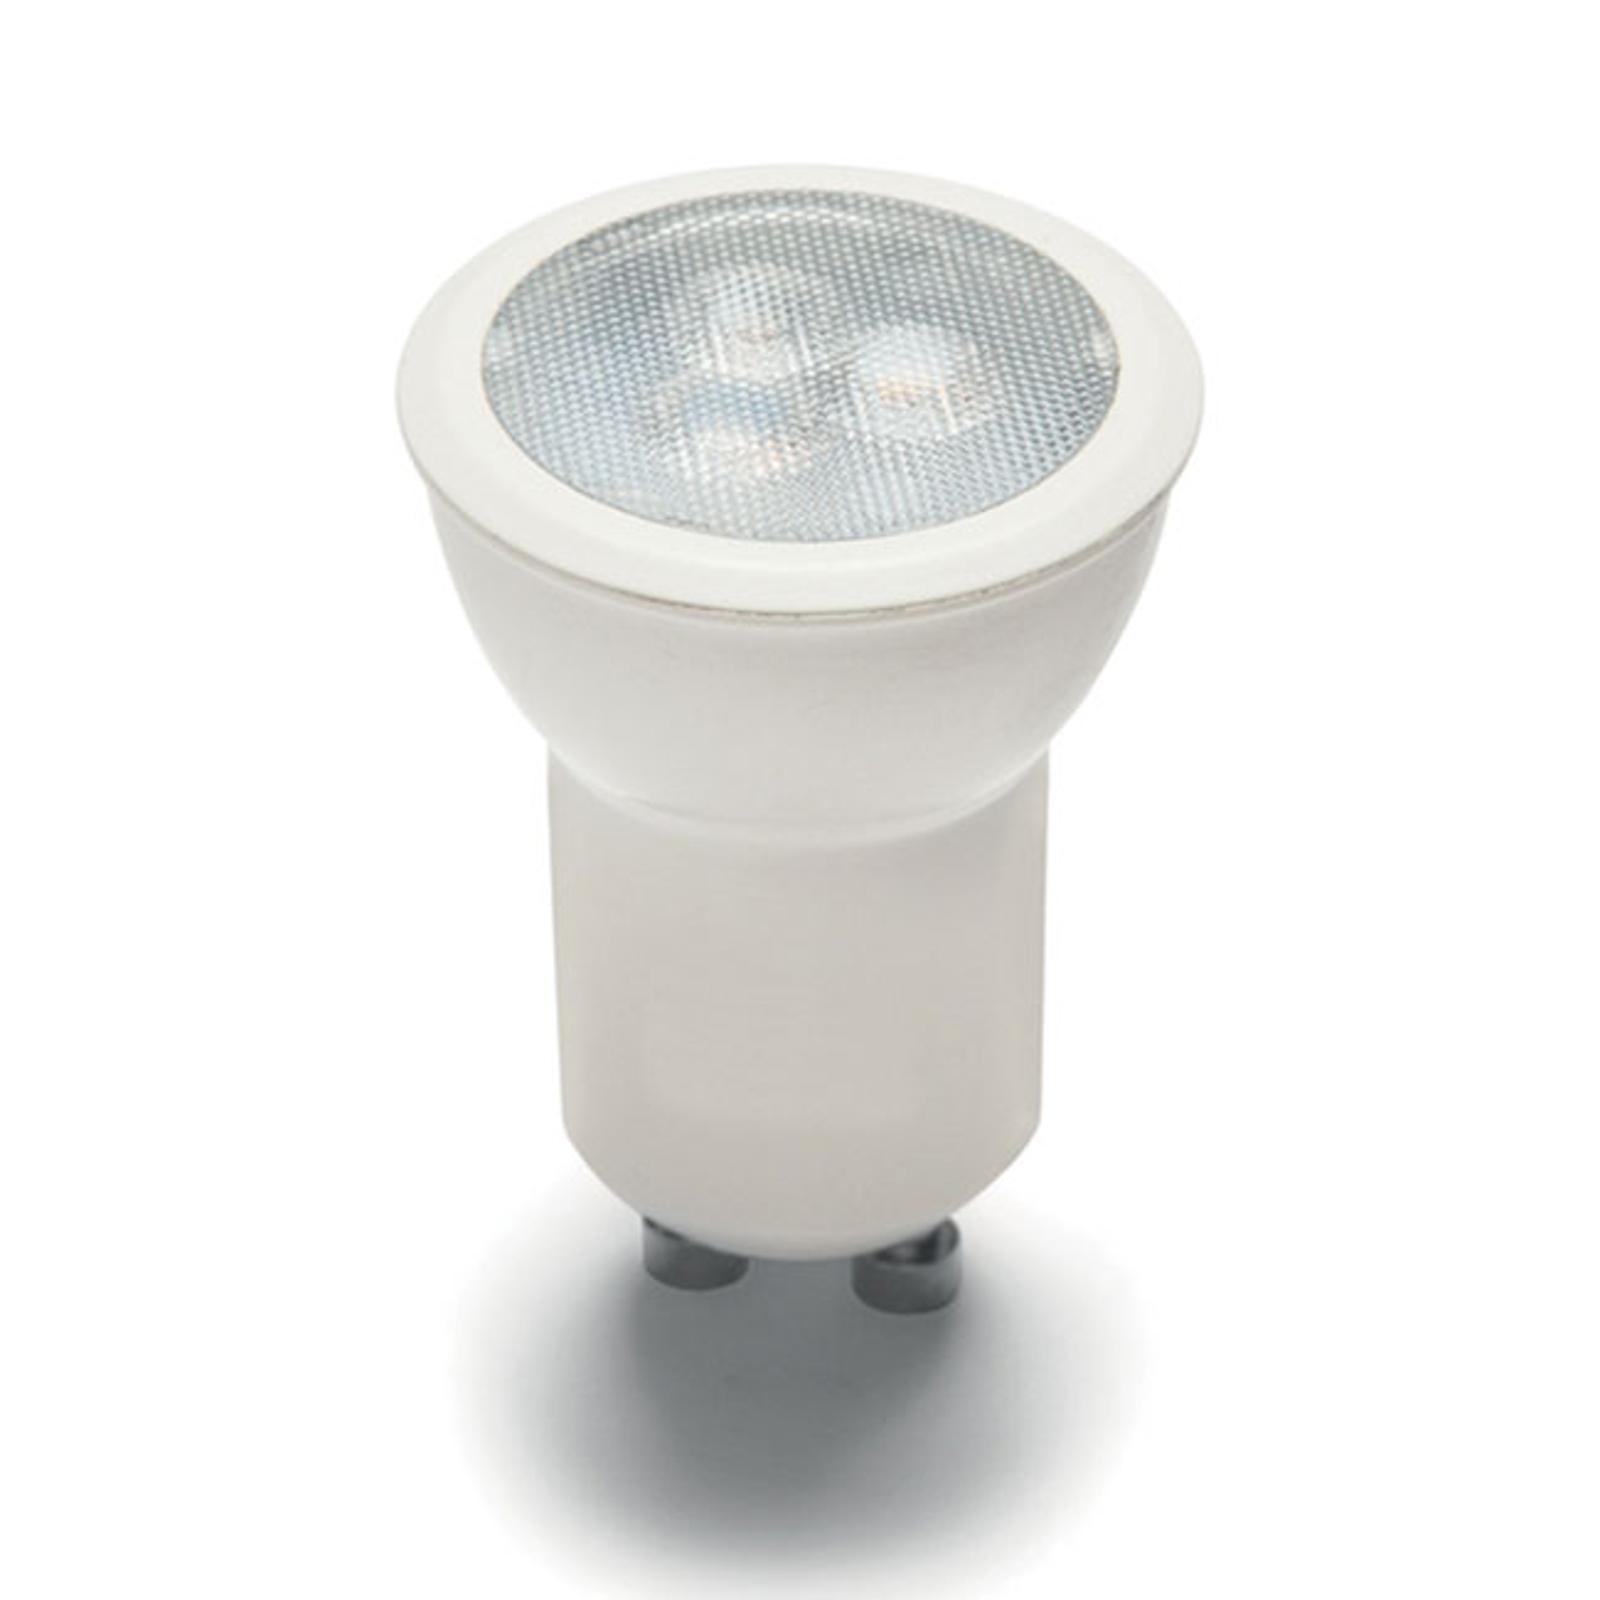 GU10 LED-pære 3,2W Ø3,5cm 220lm 3 000K